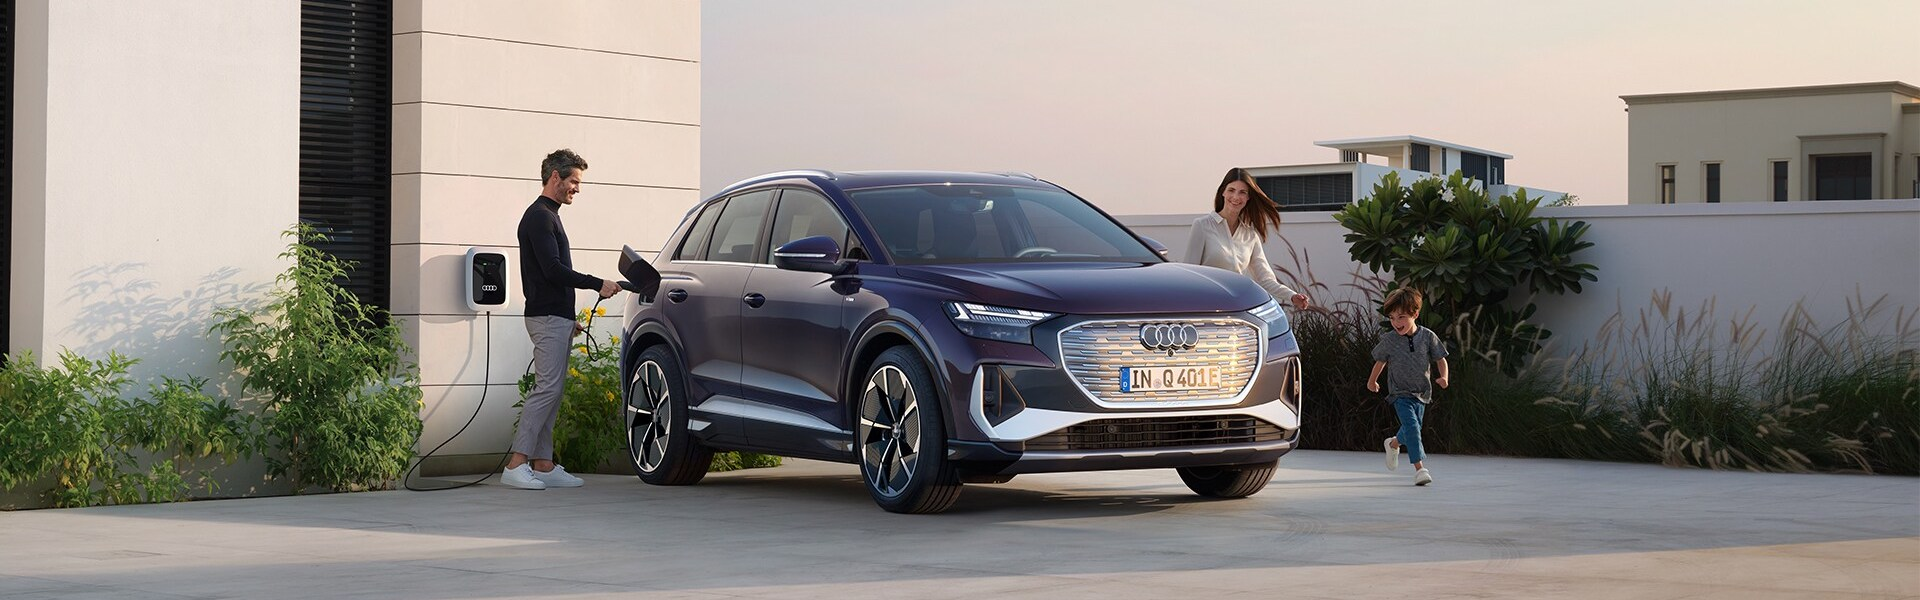 2020-07-Audi-Q4